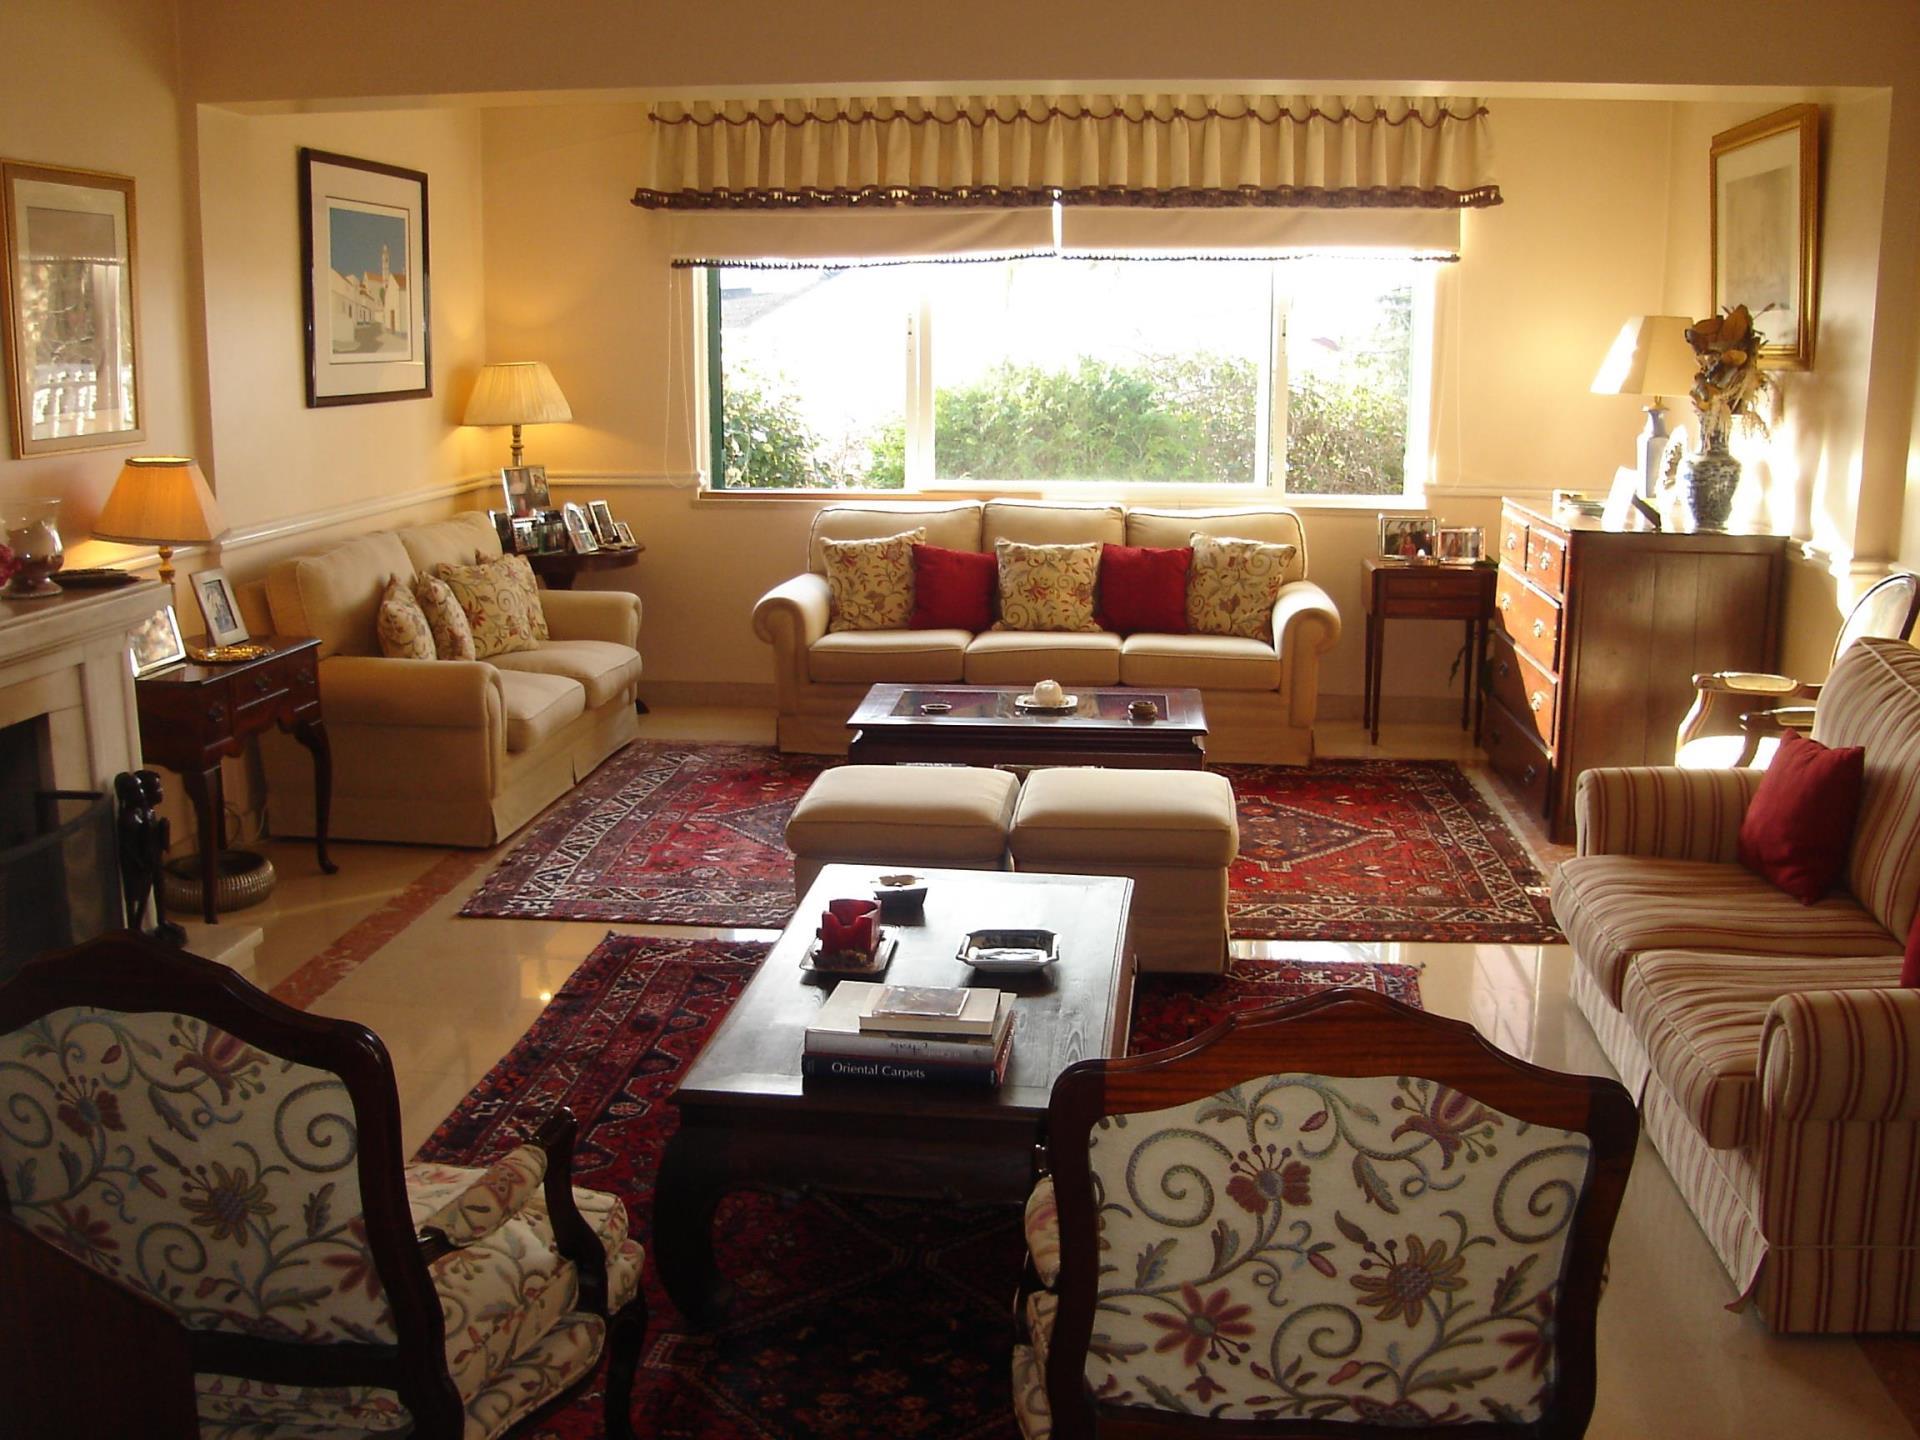 단독 가정 주택 용 매매 에 House, 4 bedrooms, for Sale Cobre, Cascais, 리스보아 포르투갈